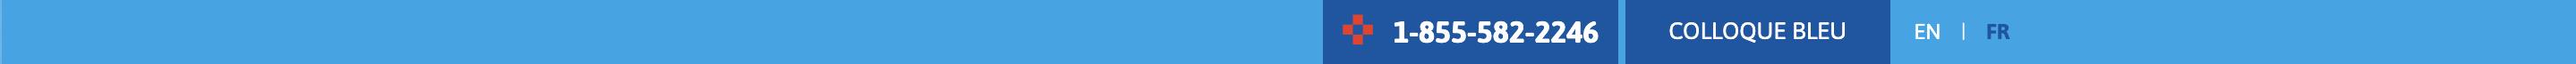 Screenshot 2020-04-29 at 09.15.42-1